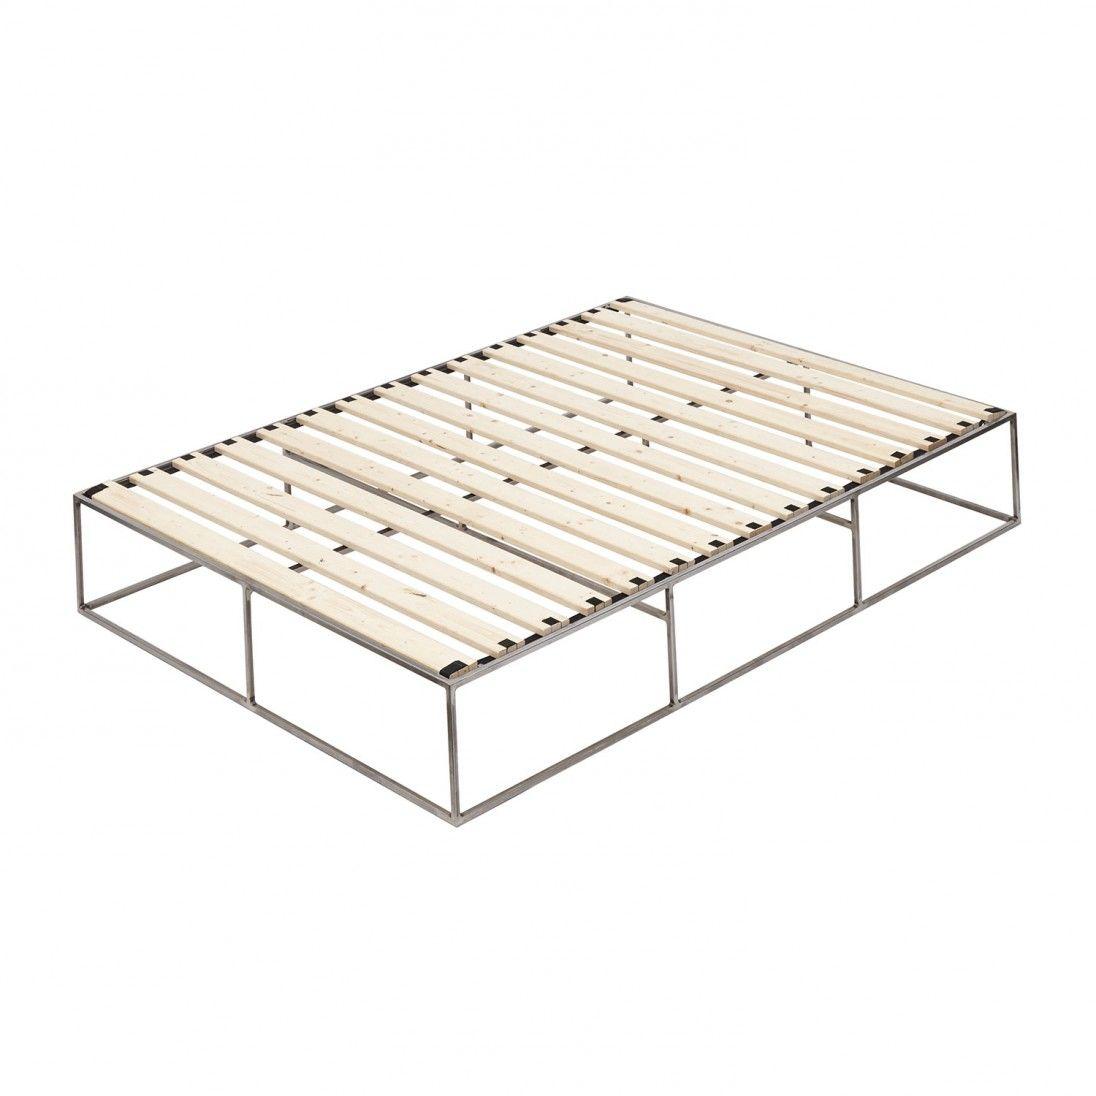 Metallbett - Stahlbett - metal bed - minimalistisch - minimalist ...